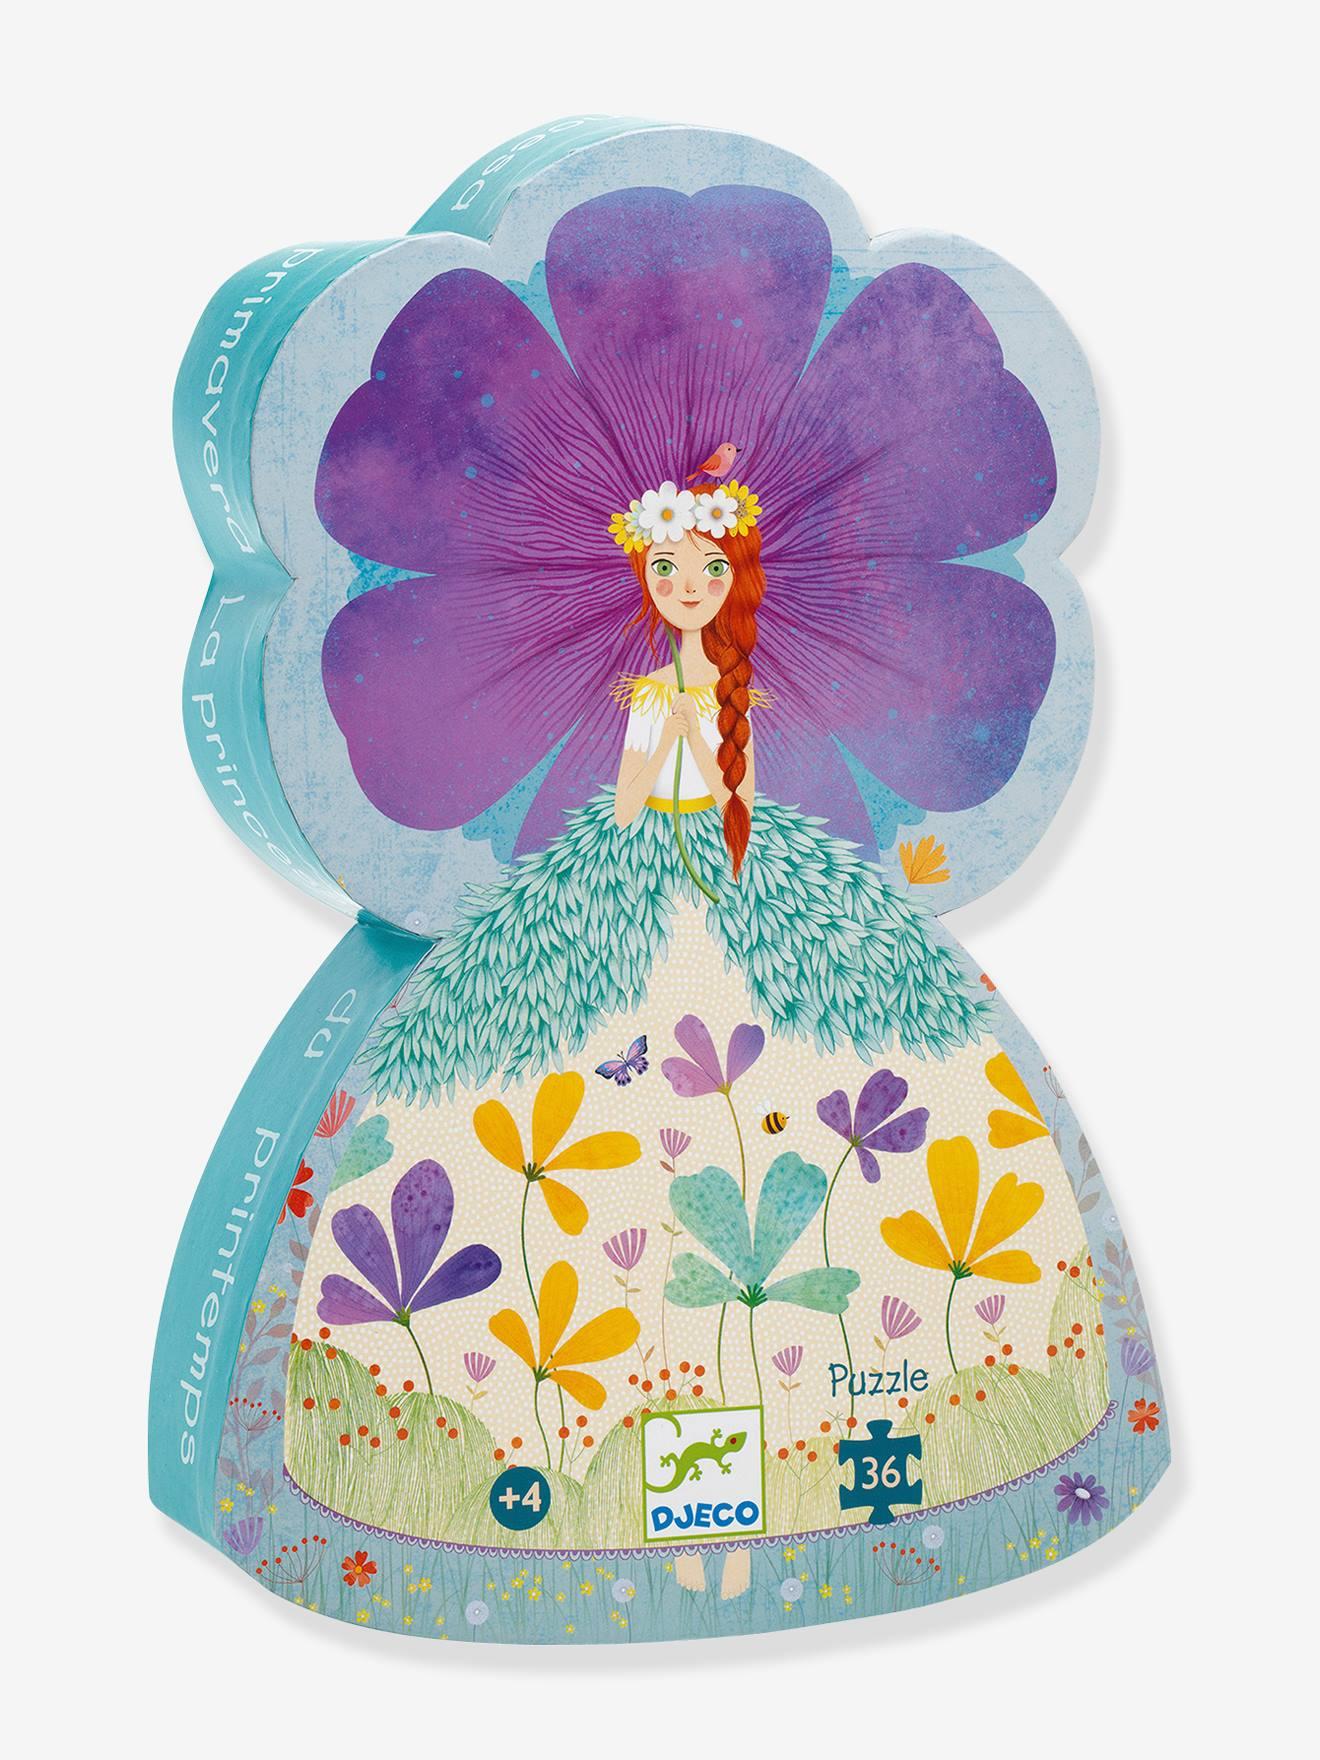 Puzzle La Princesse du printemps 36 pièces DJECO bleu